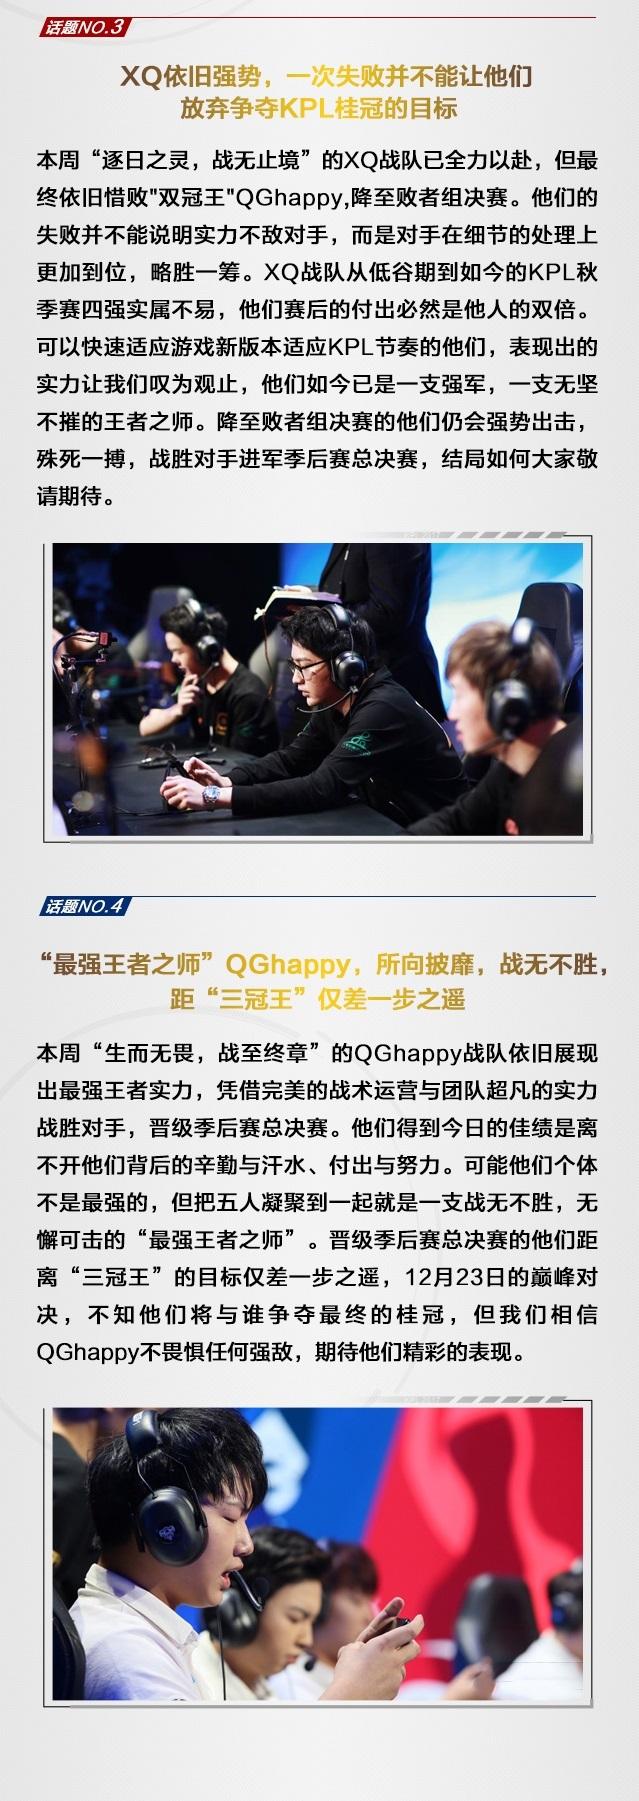 KPL秋季赛季后赛一周回顾:QGhappy强势翻盘晋级决赛